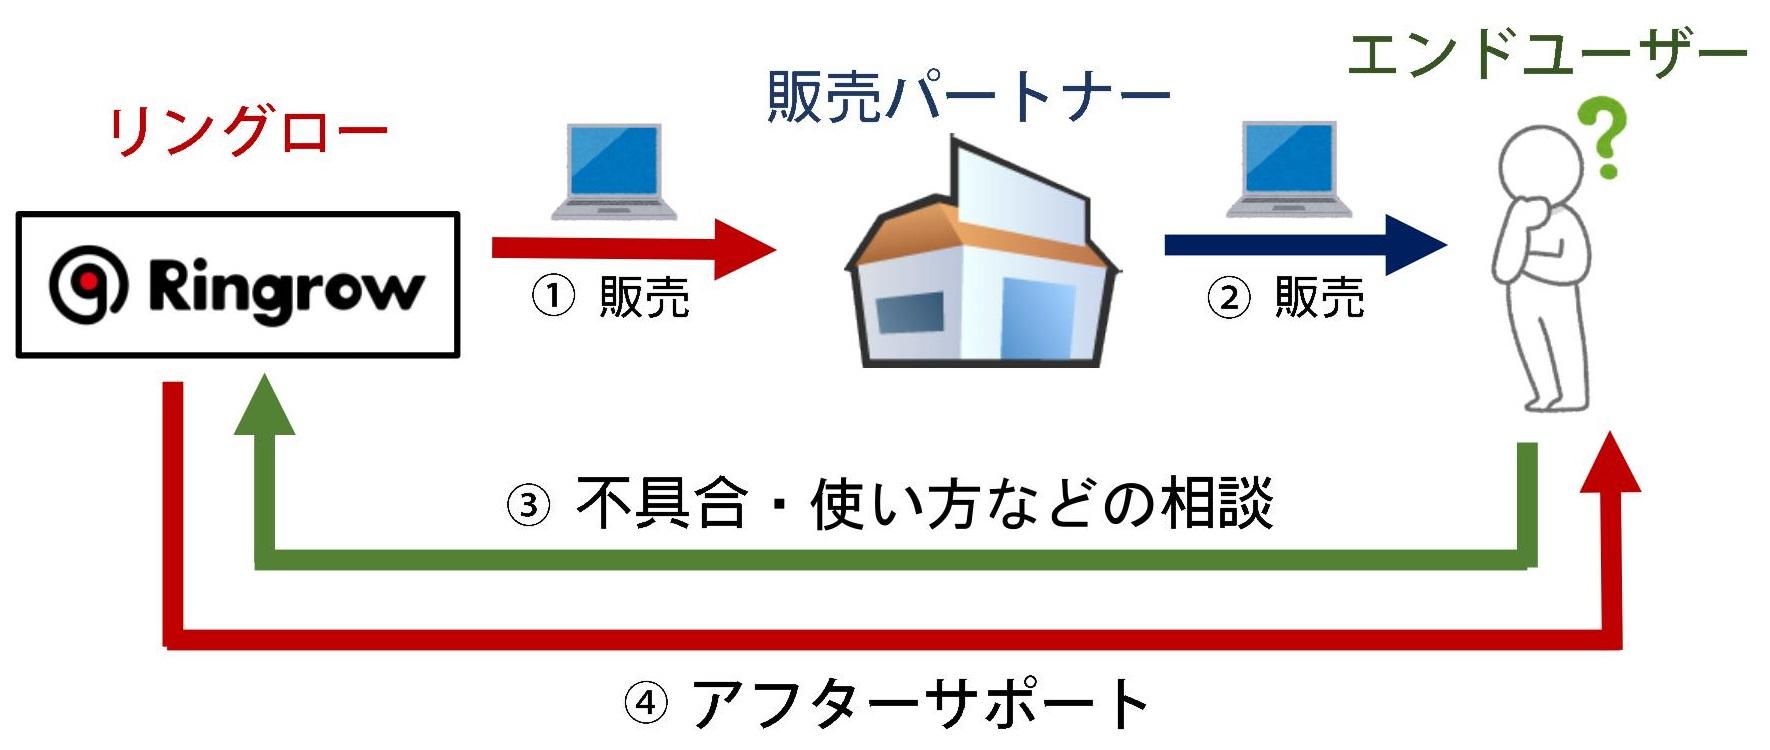 i-love-ue%c2%b2a%c2%b2a%c2%83%c2%95a%c2%83%c2%ada%c2%83%c2%bca%c2%81a%c2%9b%c2%b3